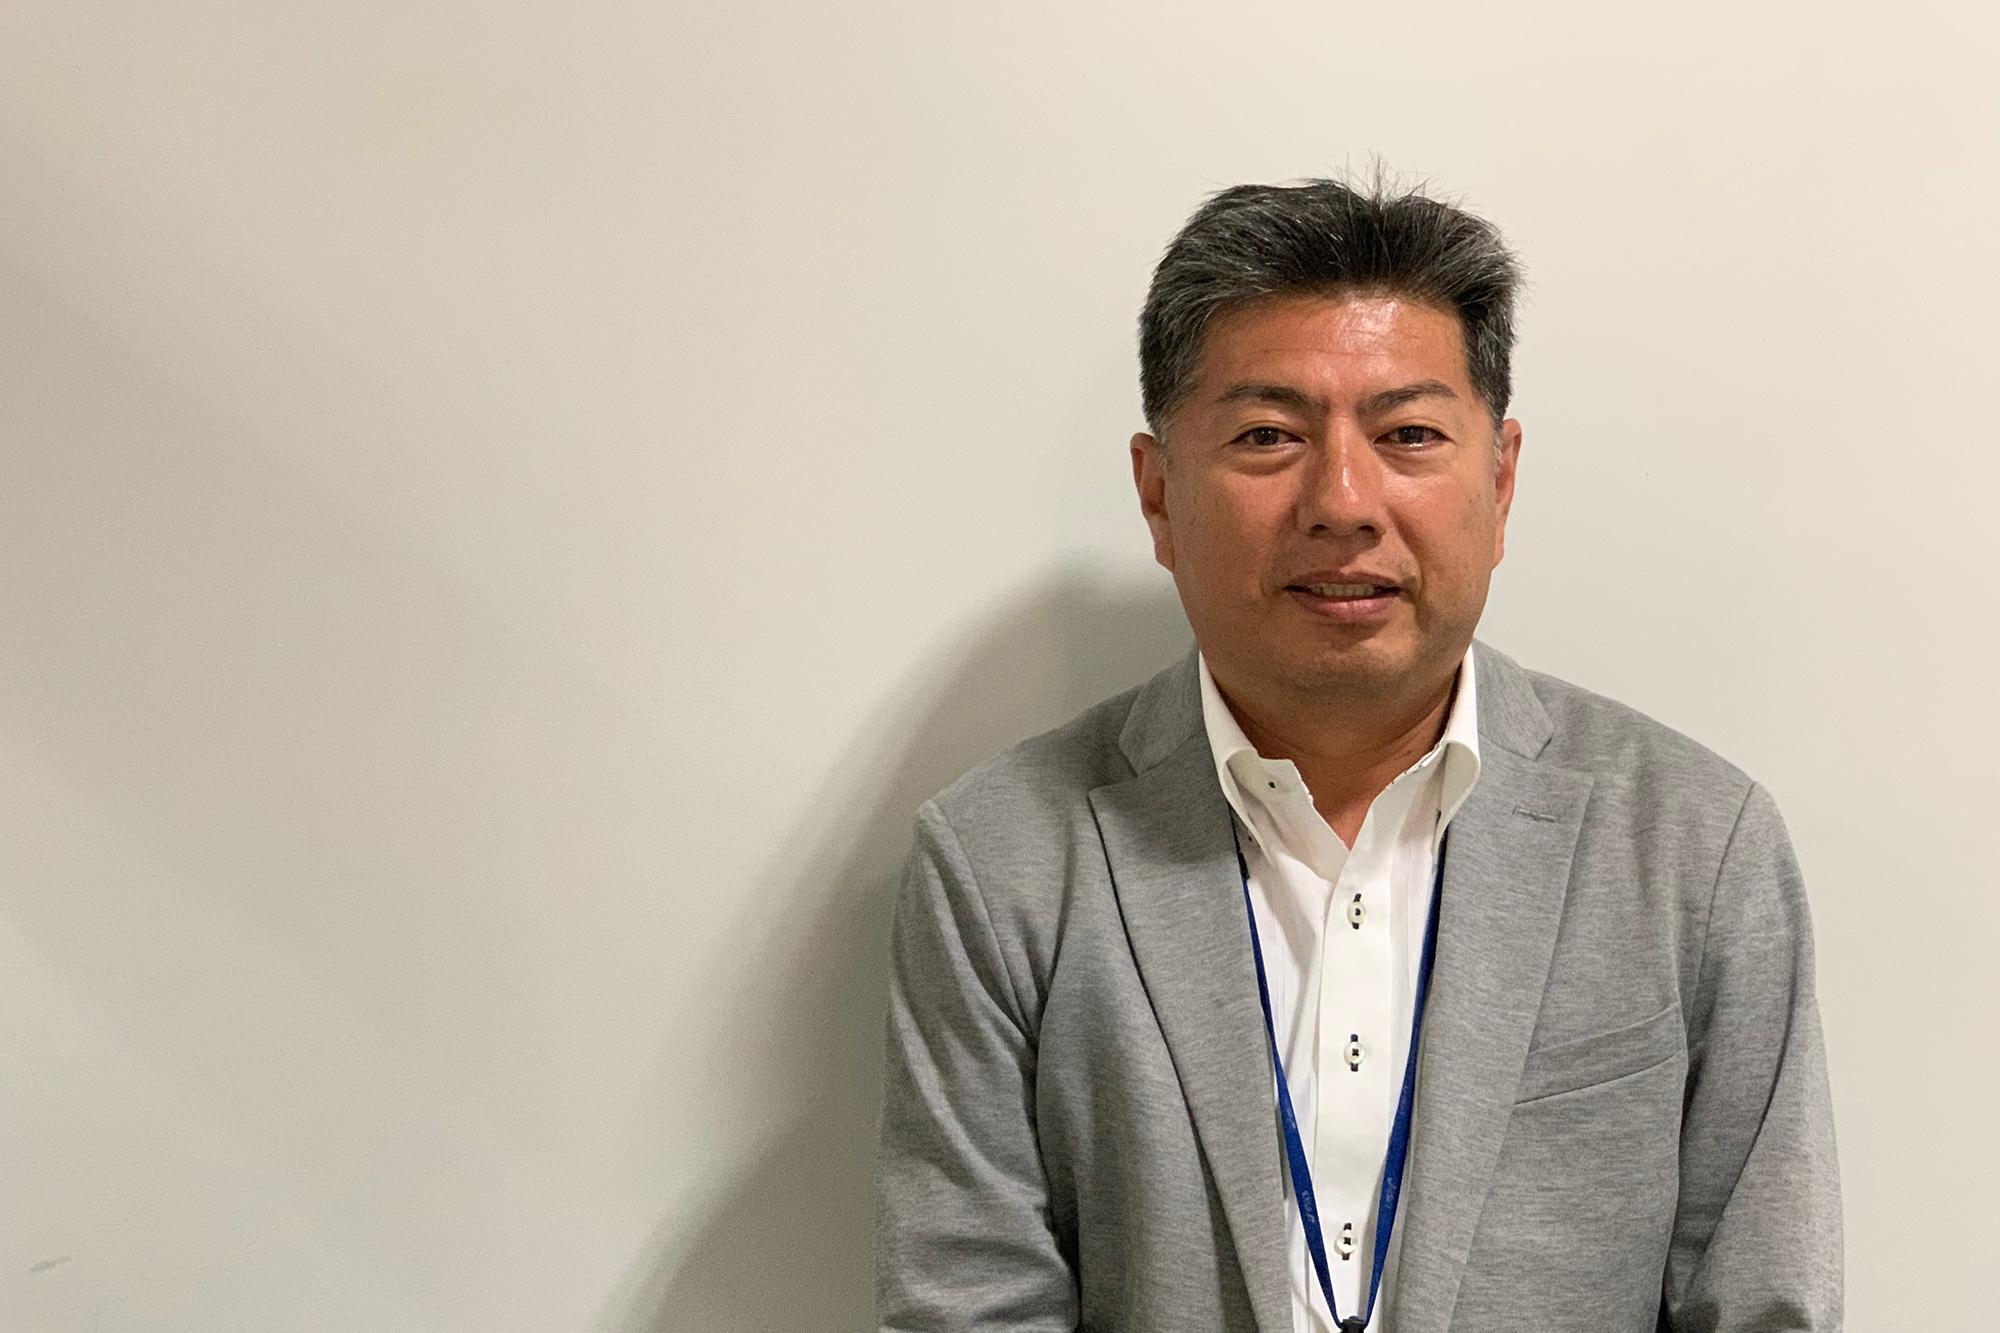 Vol.4 アシックスジャパン㈱ スポーツマーケティング部コアパフォーマンス第1チーム/藤井幸穂